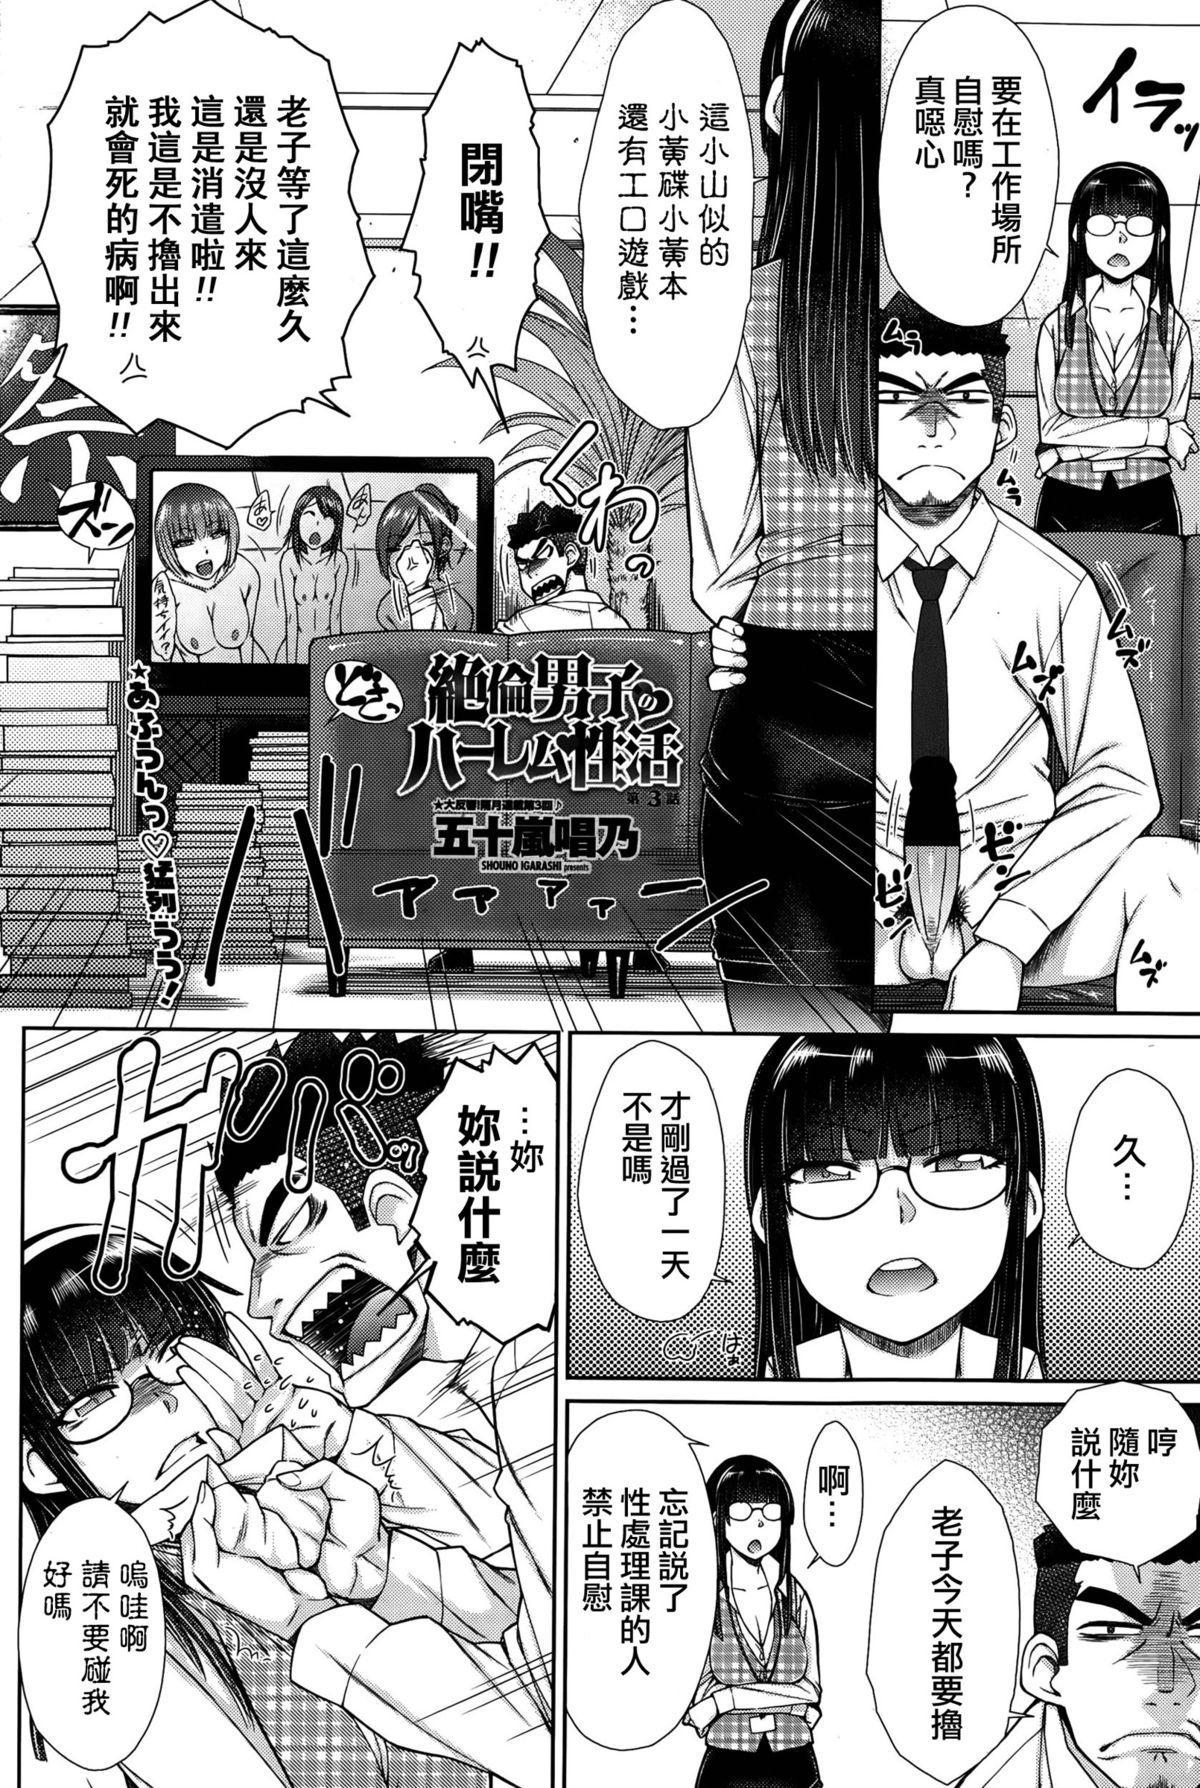 Zetsurin Danshi no Harem Seikatsu Ch. 1-4 45